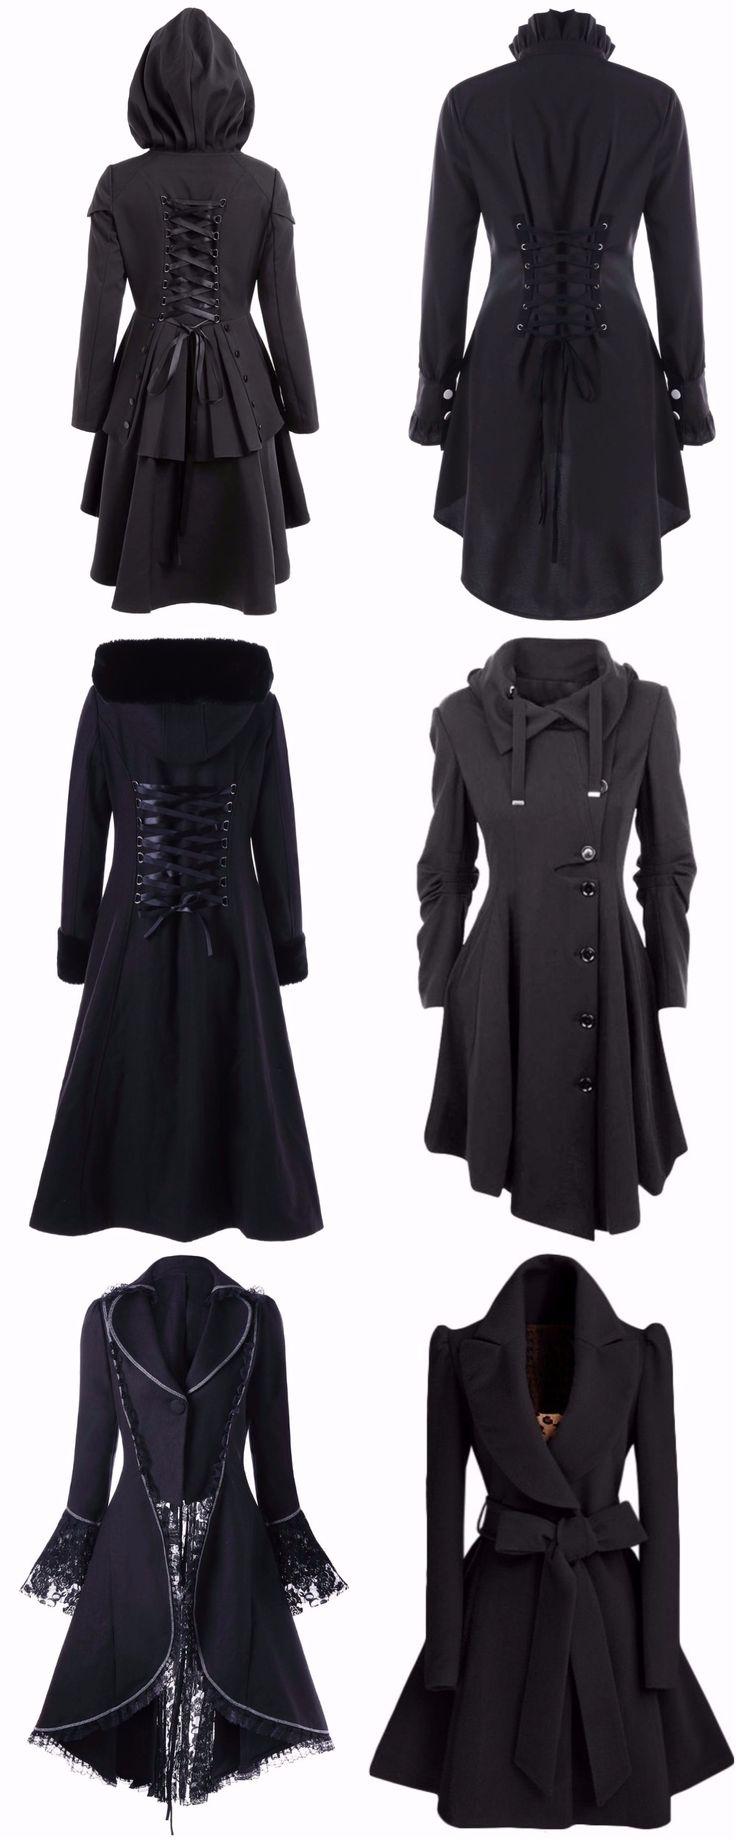 Fall & Winter Coats | Start From Only $5.90 | Sammydress.com